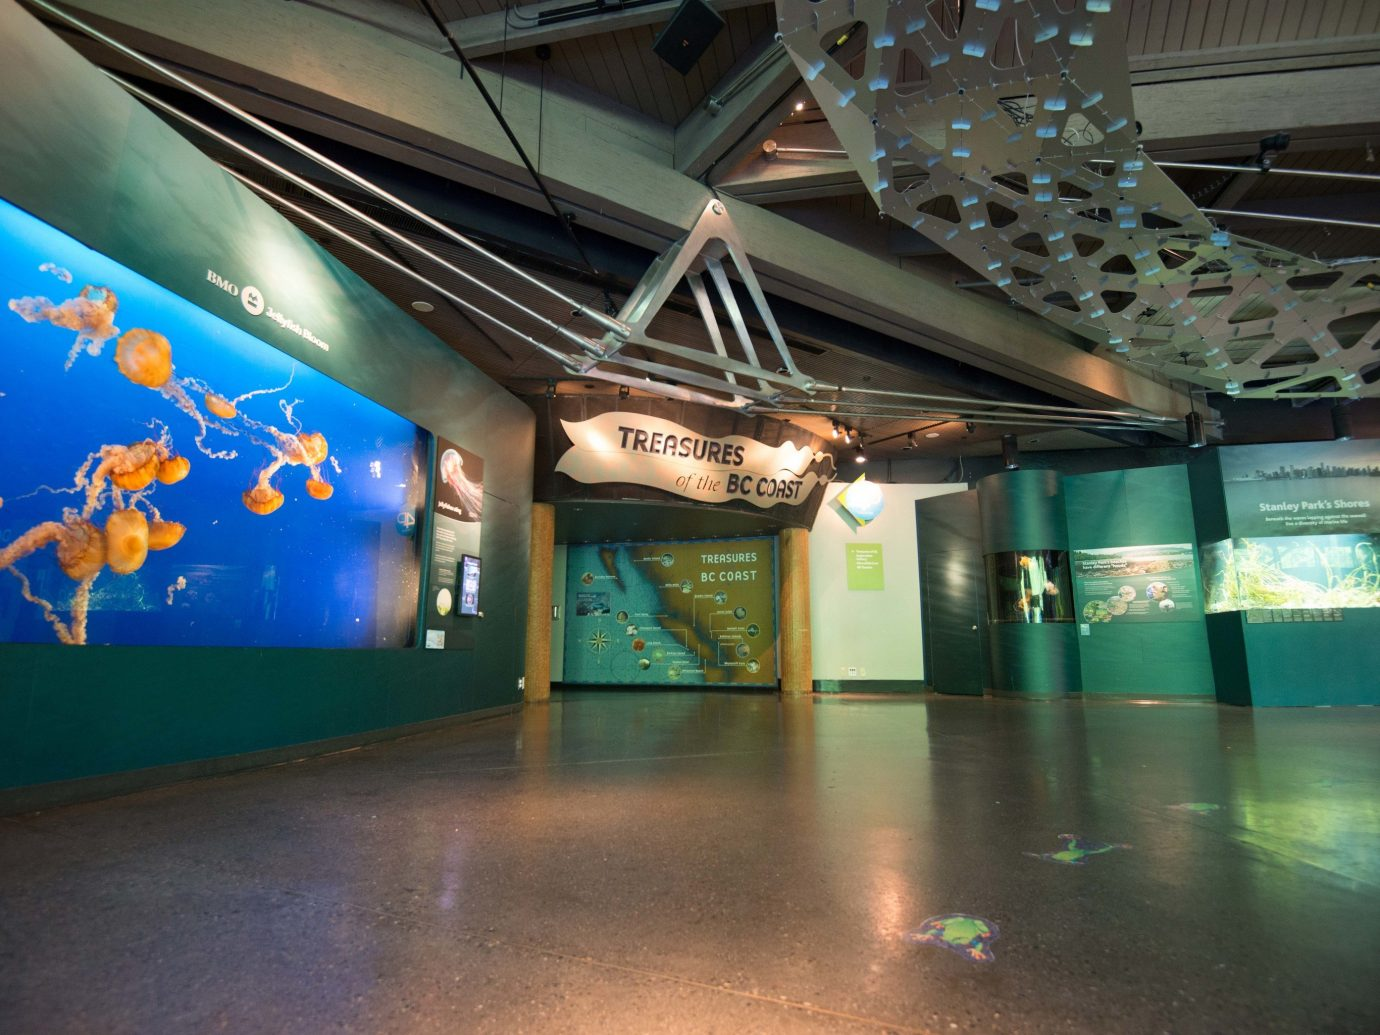 Trip Ideas floor indoor stage tourist attraction platform interior design theatre space subway